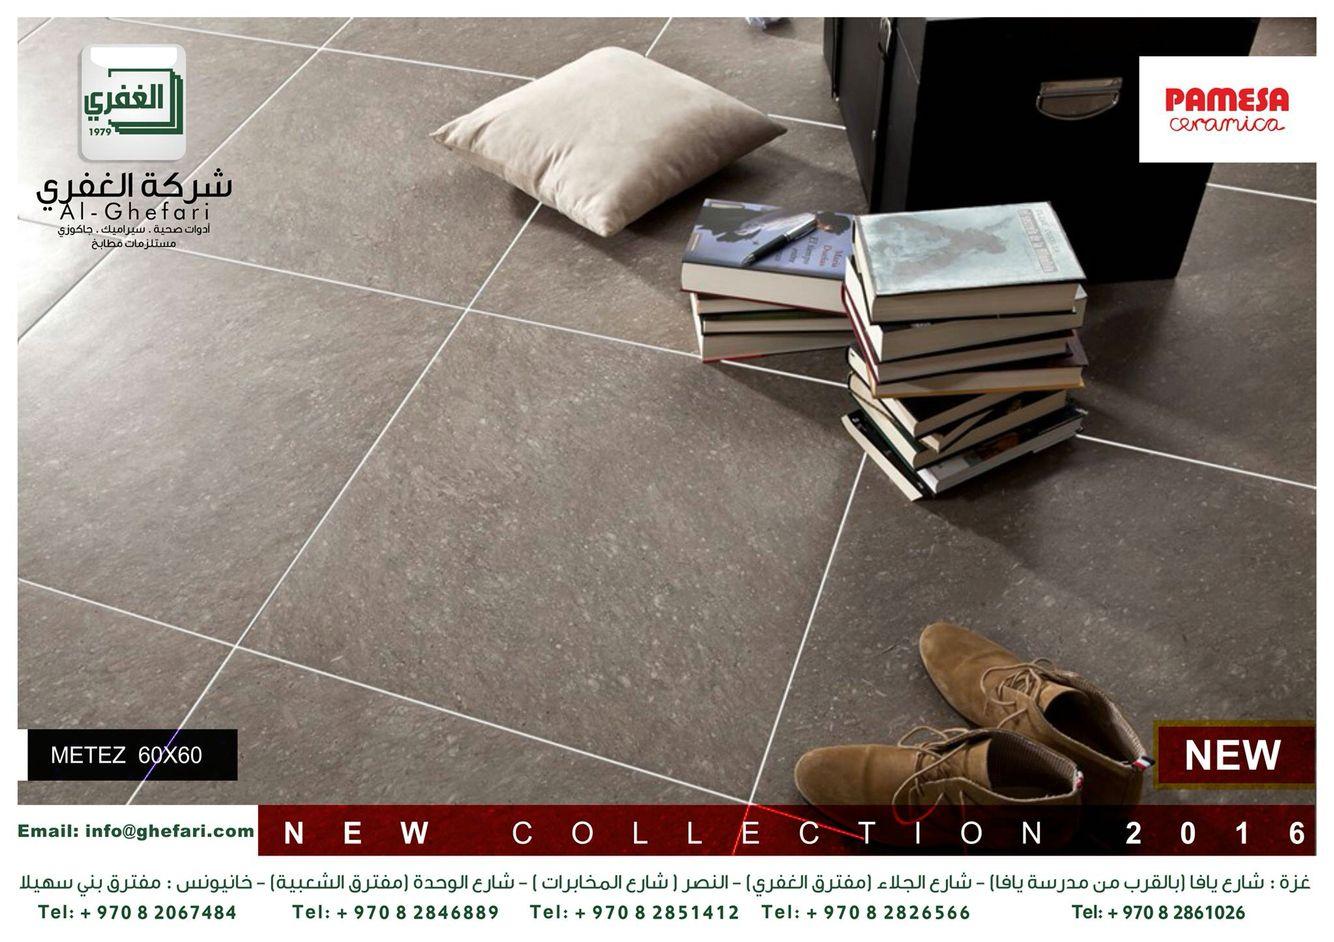 منتجات شركة باميسا الإسبانية لدي شركة الغفري نقدم لك أعلي مستوى من الجودة الإسبانية بورسيلان لامع مقاس 60 60 Pamesa الخيا Tile Floor Flooring Texture